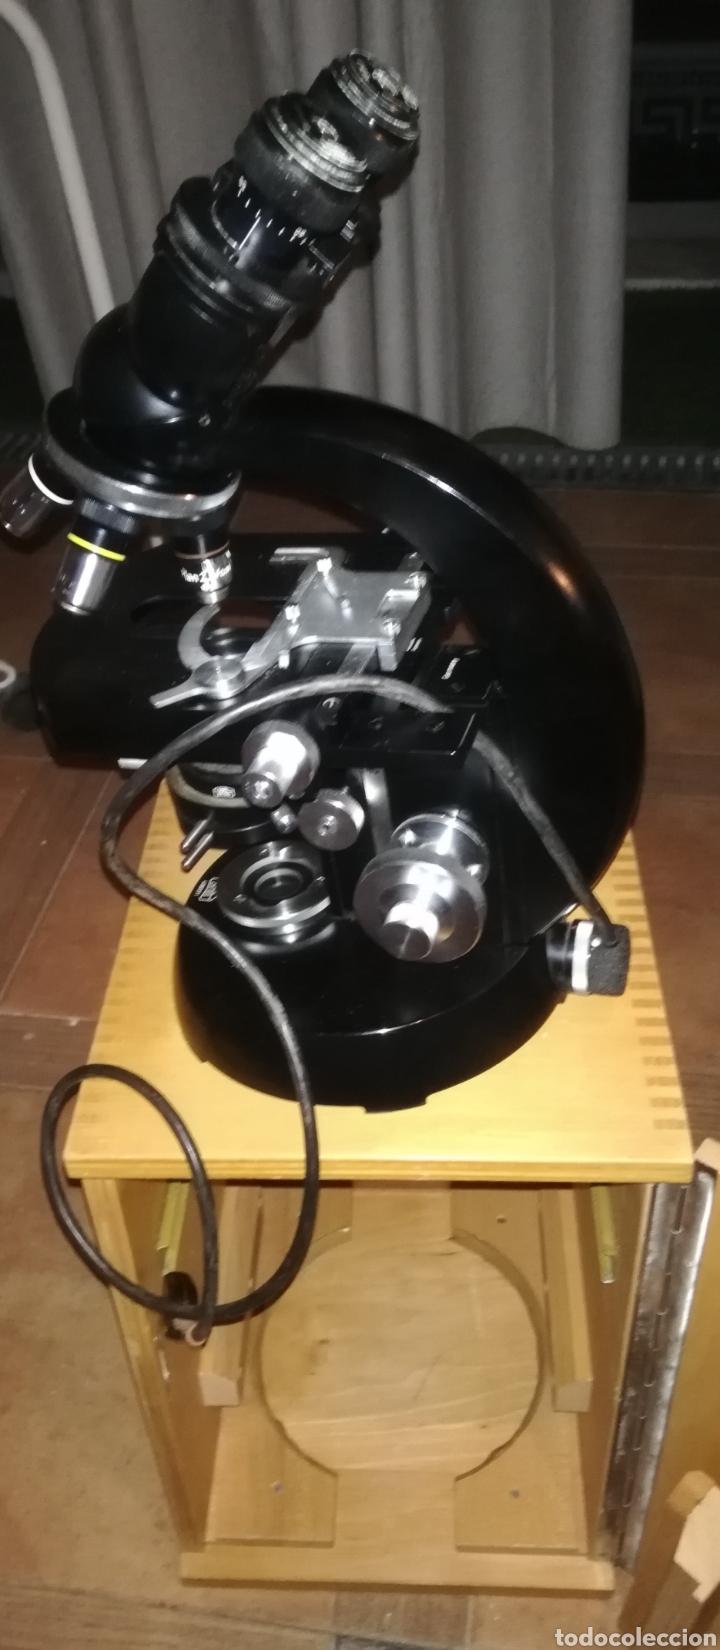 ANTIGUO MICROSCOPIO ZEISS CARL EN SU CAJA ORIGINAL (Antigüedades - Técnicas - Instrumentos Ópticos - Microscopios Antiguos)